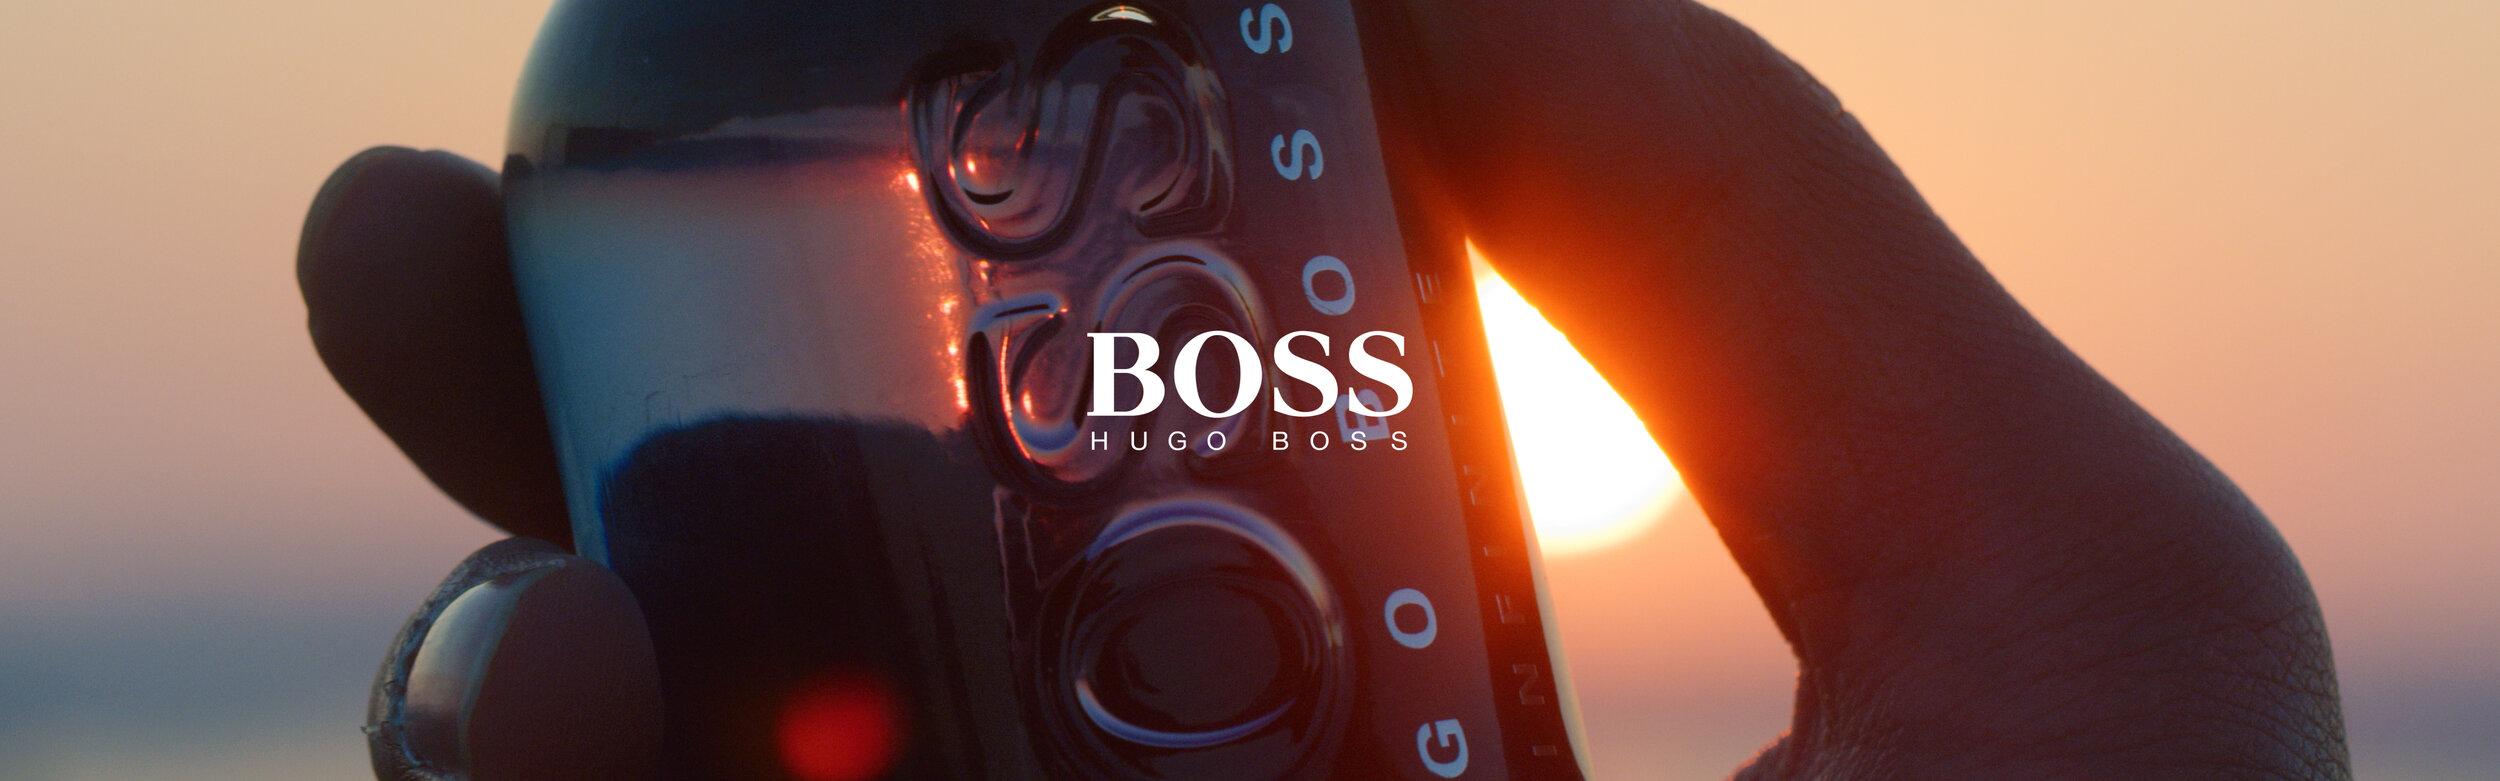 Hugo Boss Title_00265.jpg